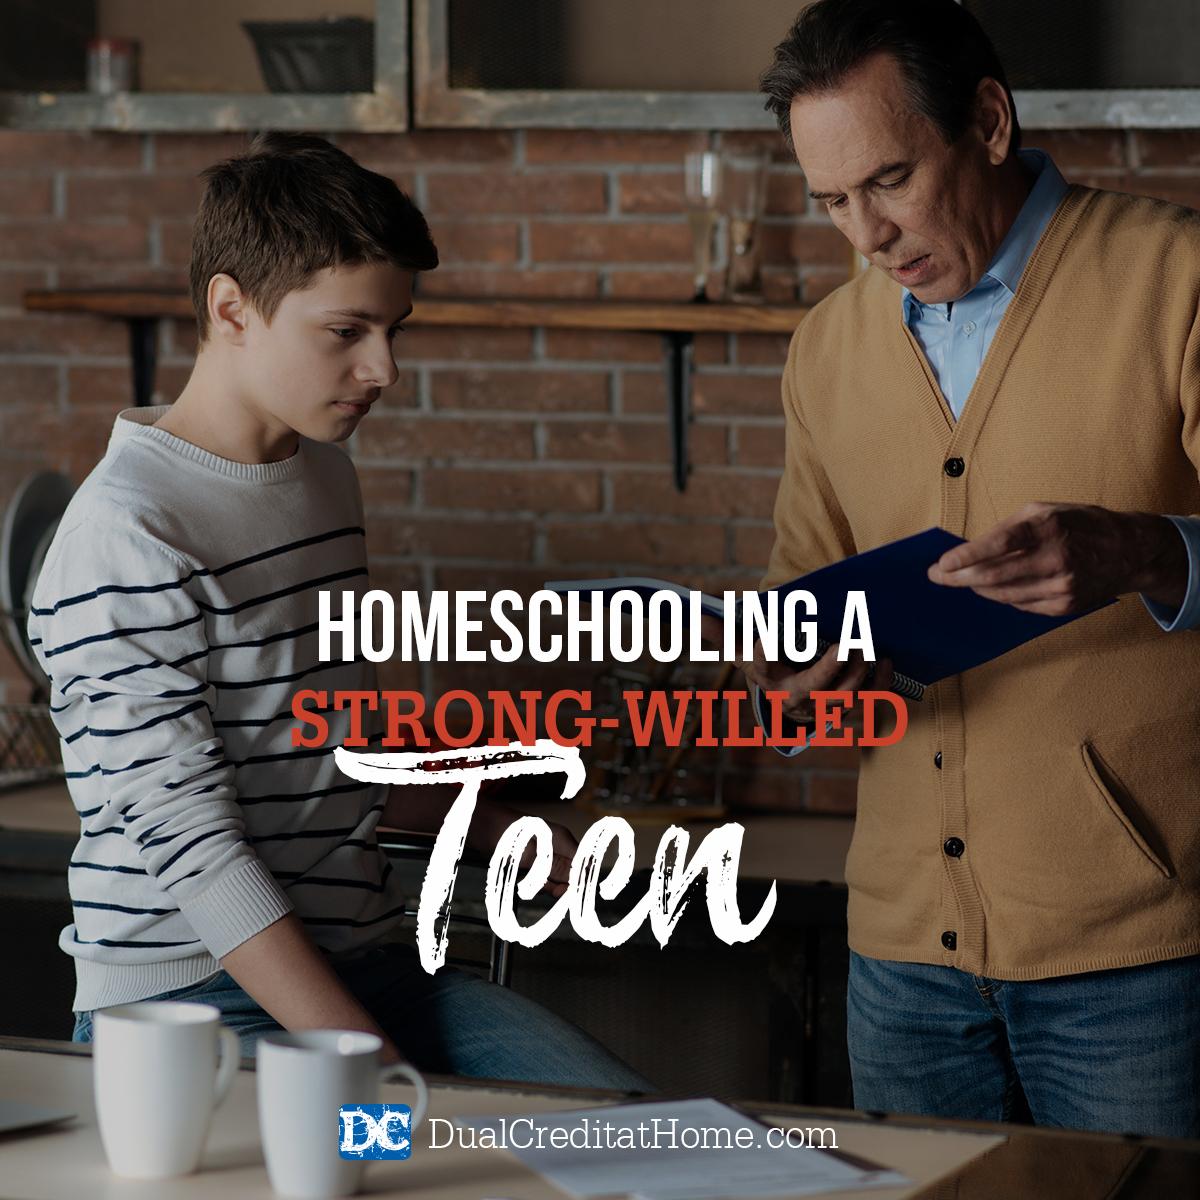 Homeschooling a Strong-Willed Teen